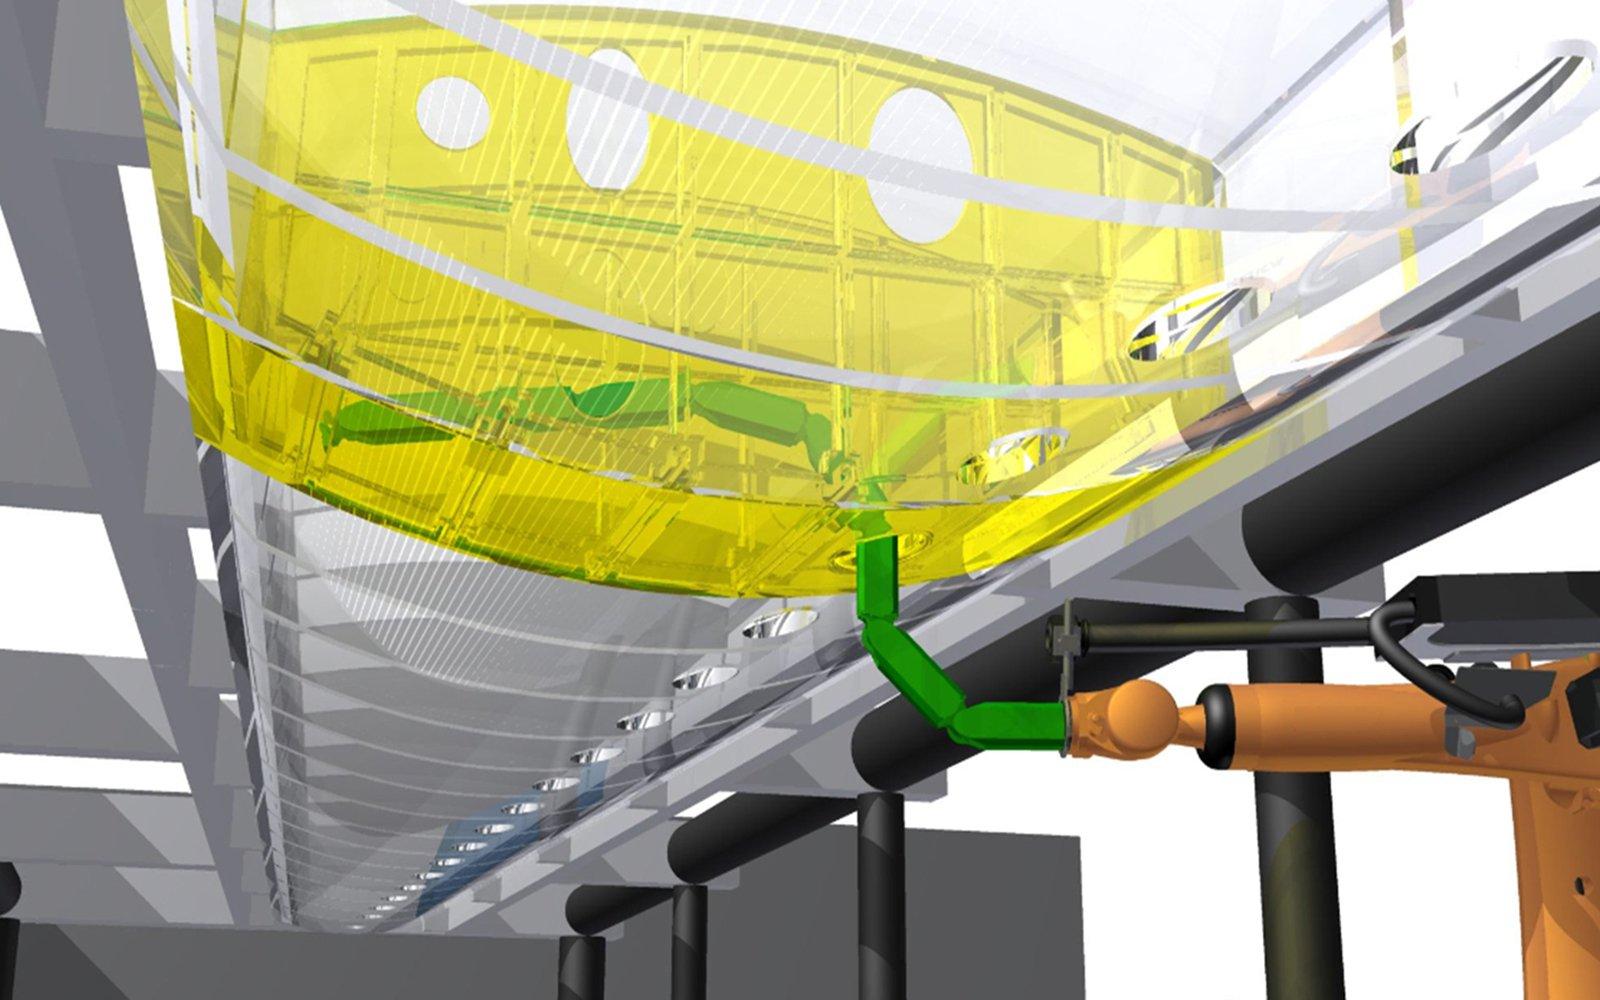 Wie eine Schlange windet sich der Roboter mit seinen acht Kipp- und Drehgelenkendurch die enge Öffnung in den Innenraum der Tragfläche. Dadurch erreicht er auch hinterste Winkel der Kammer.